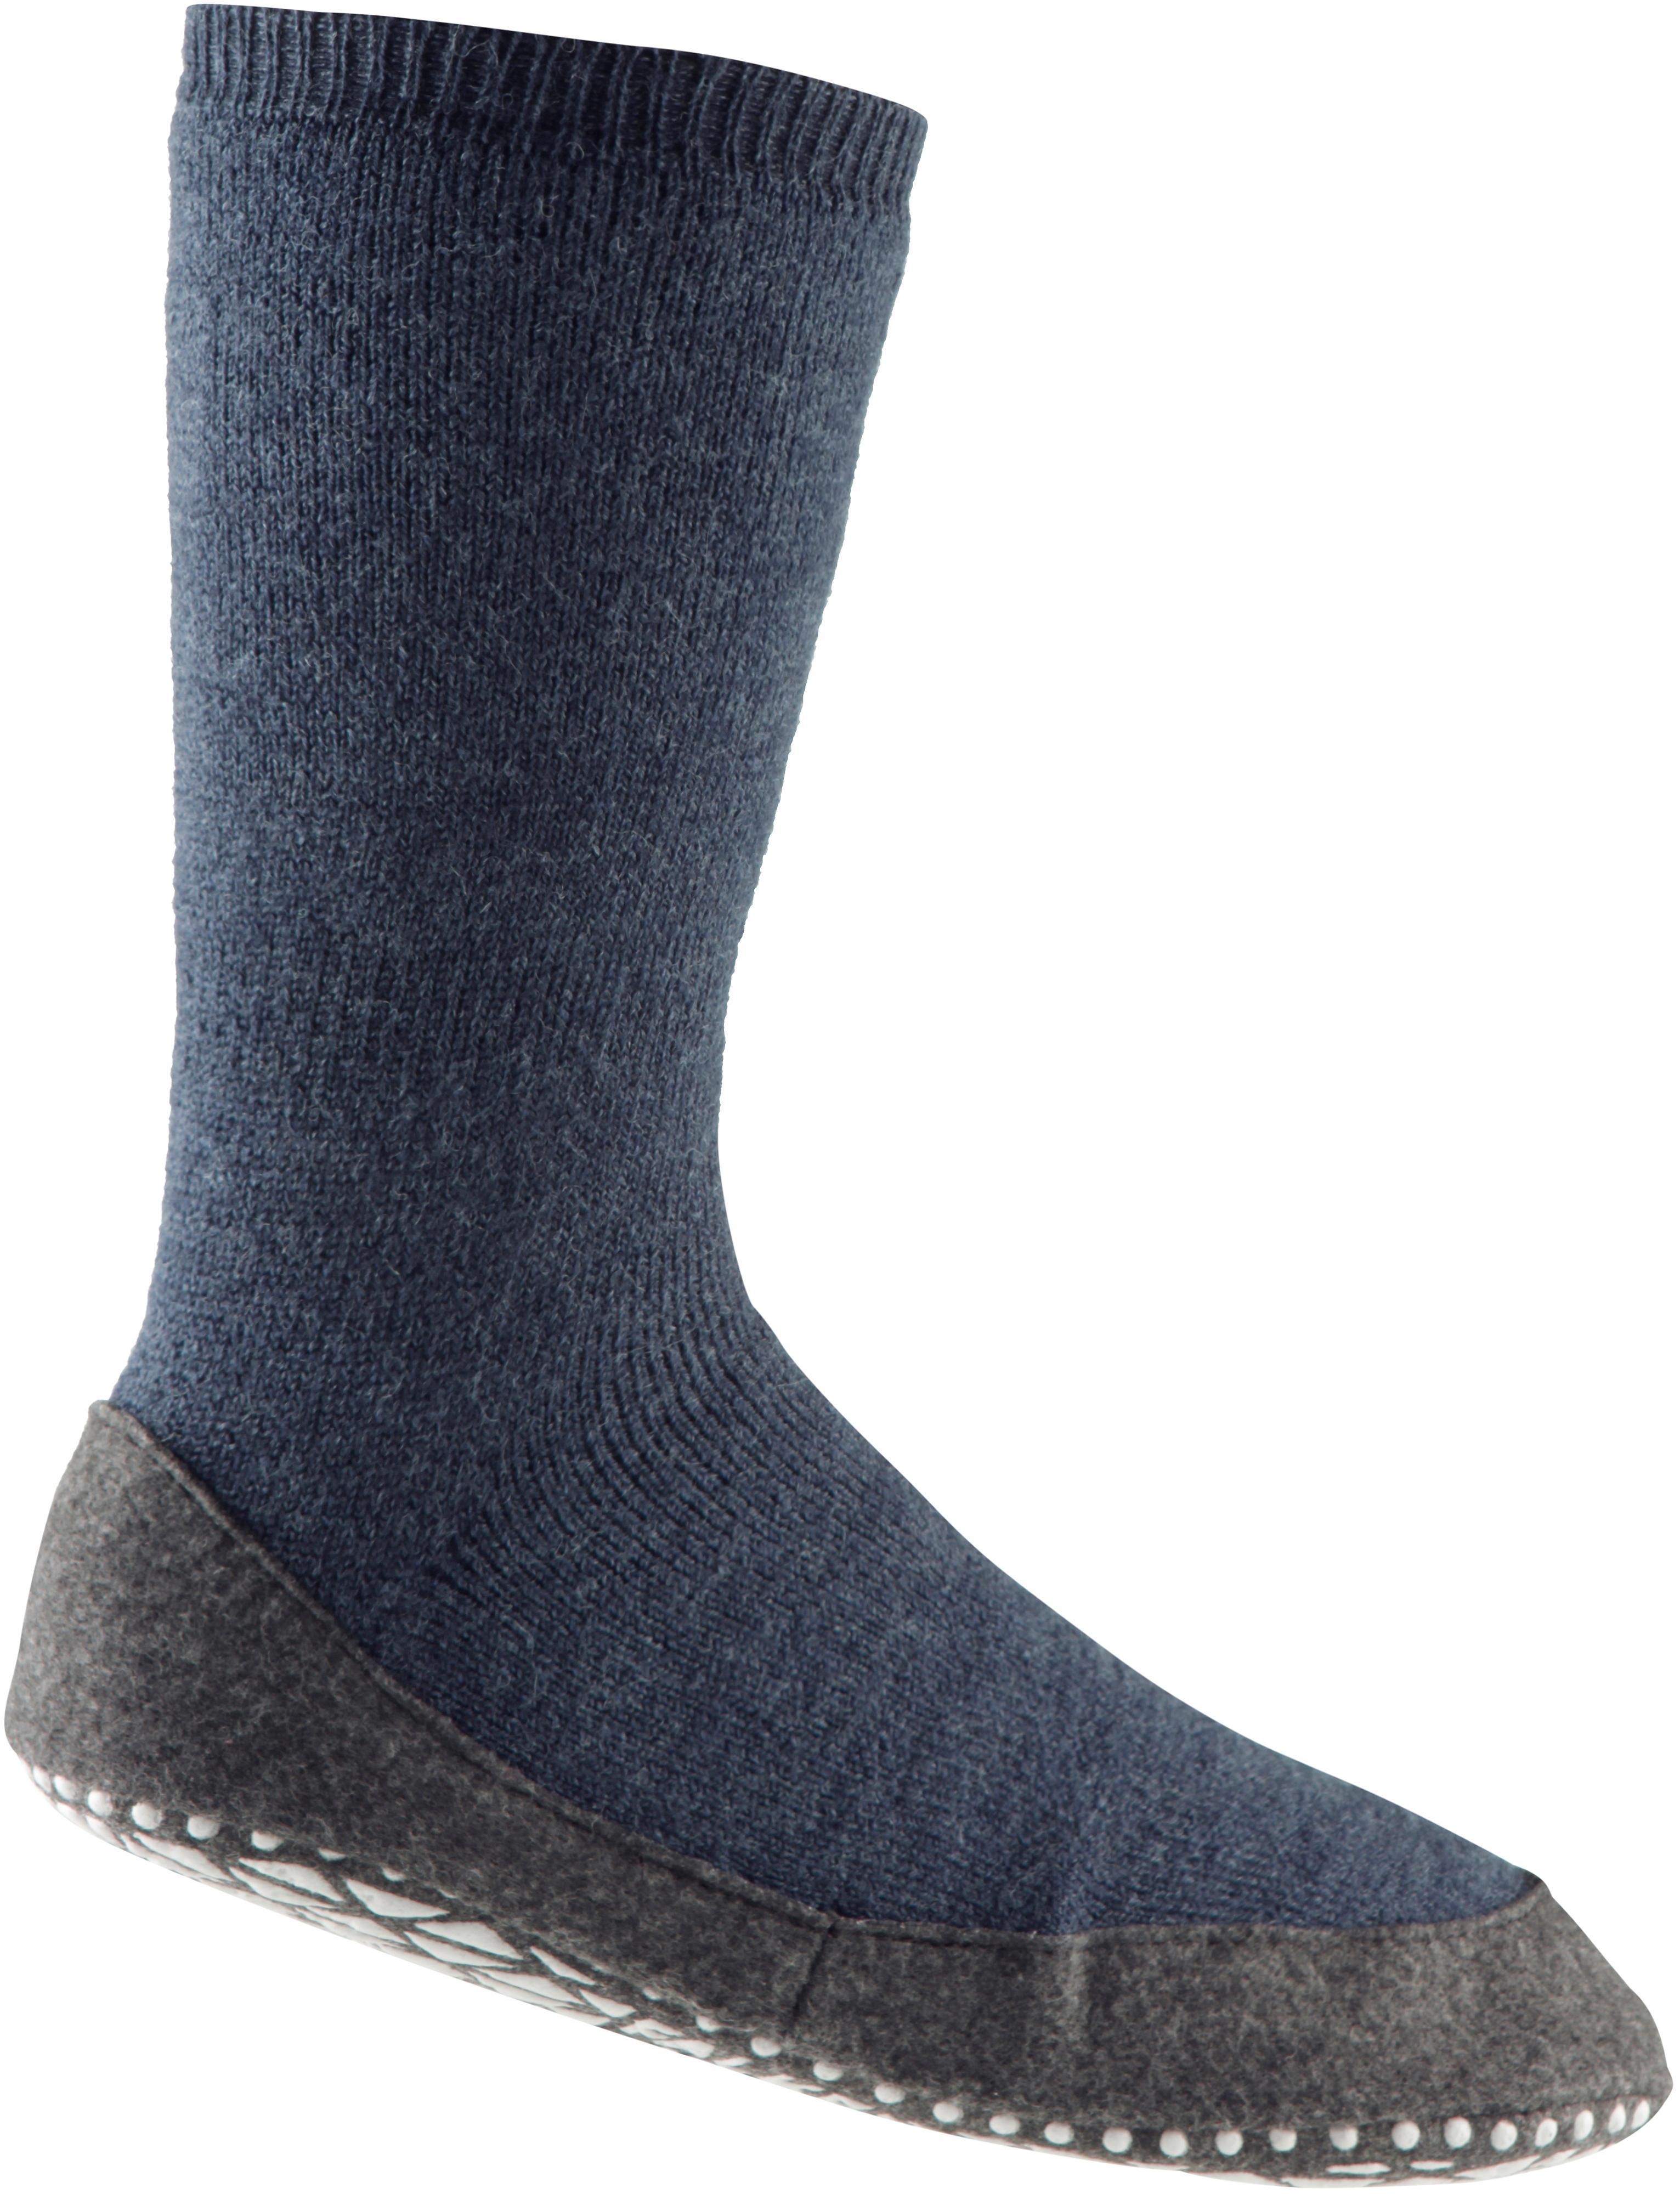 Falke Cosyschuhe Cosyschuhe Cosyschuhe Hüttenschuhe dunkelgrau im Online Shop von SportScheck kaufen Gute Qualität beliebte Schuhe a24c6b